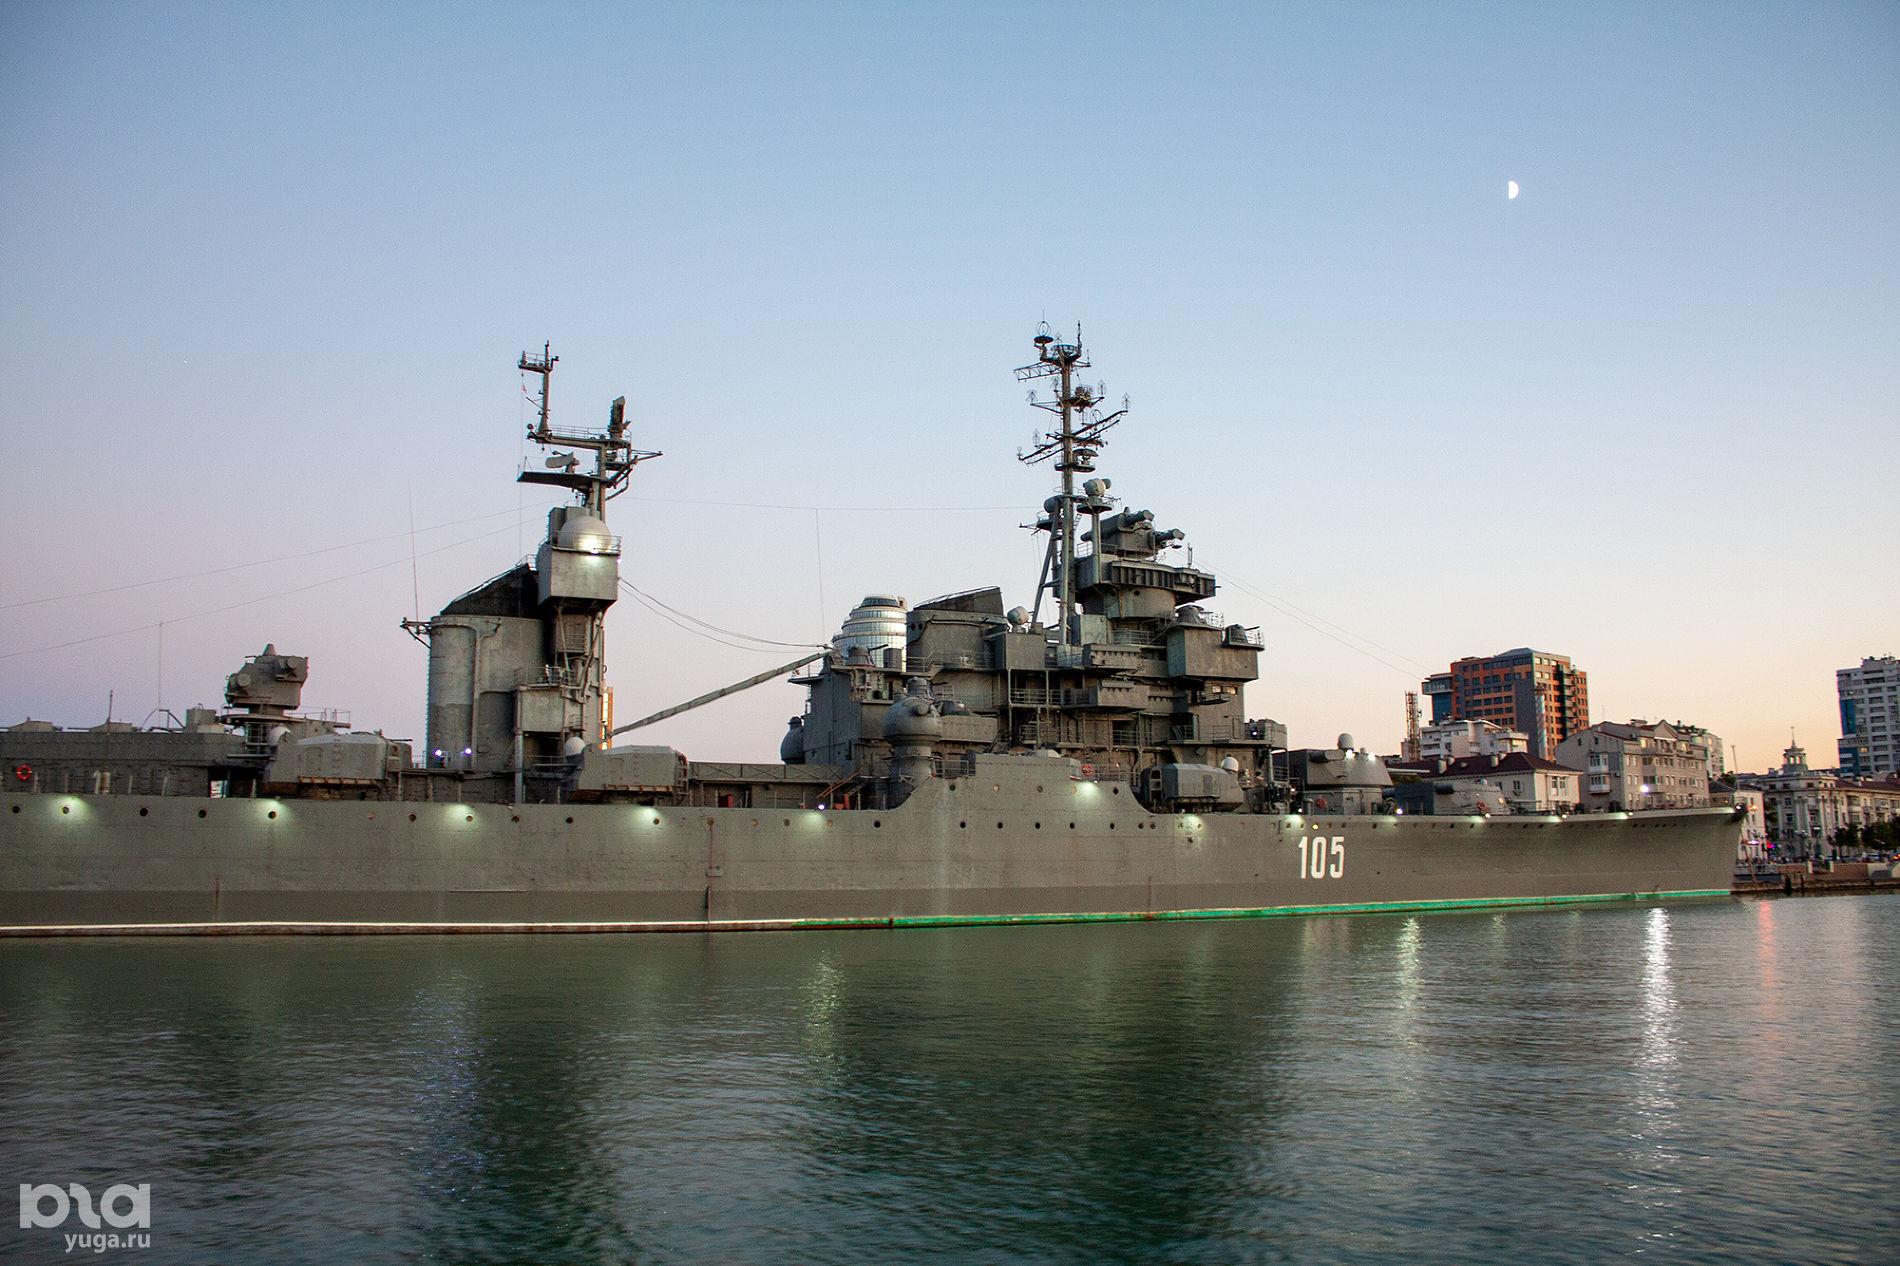 Крейсер «Михаил Кутузов» ©Фото Дмитрия Пославского, Юга.ру